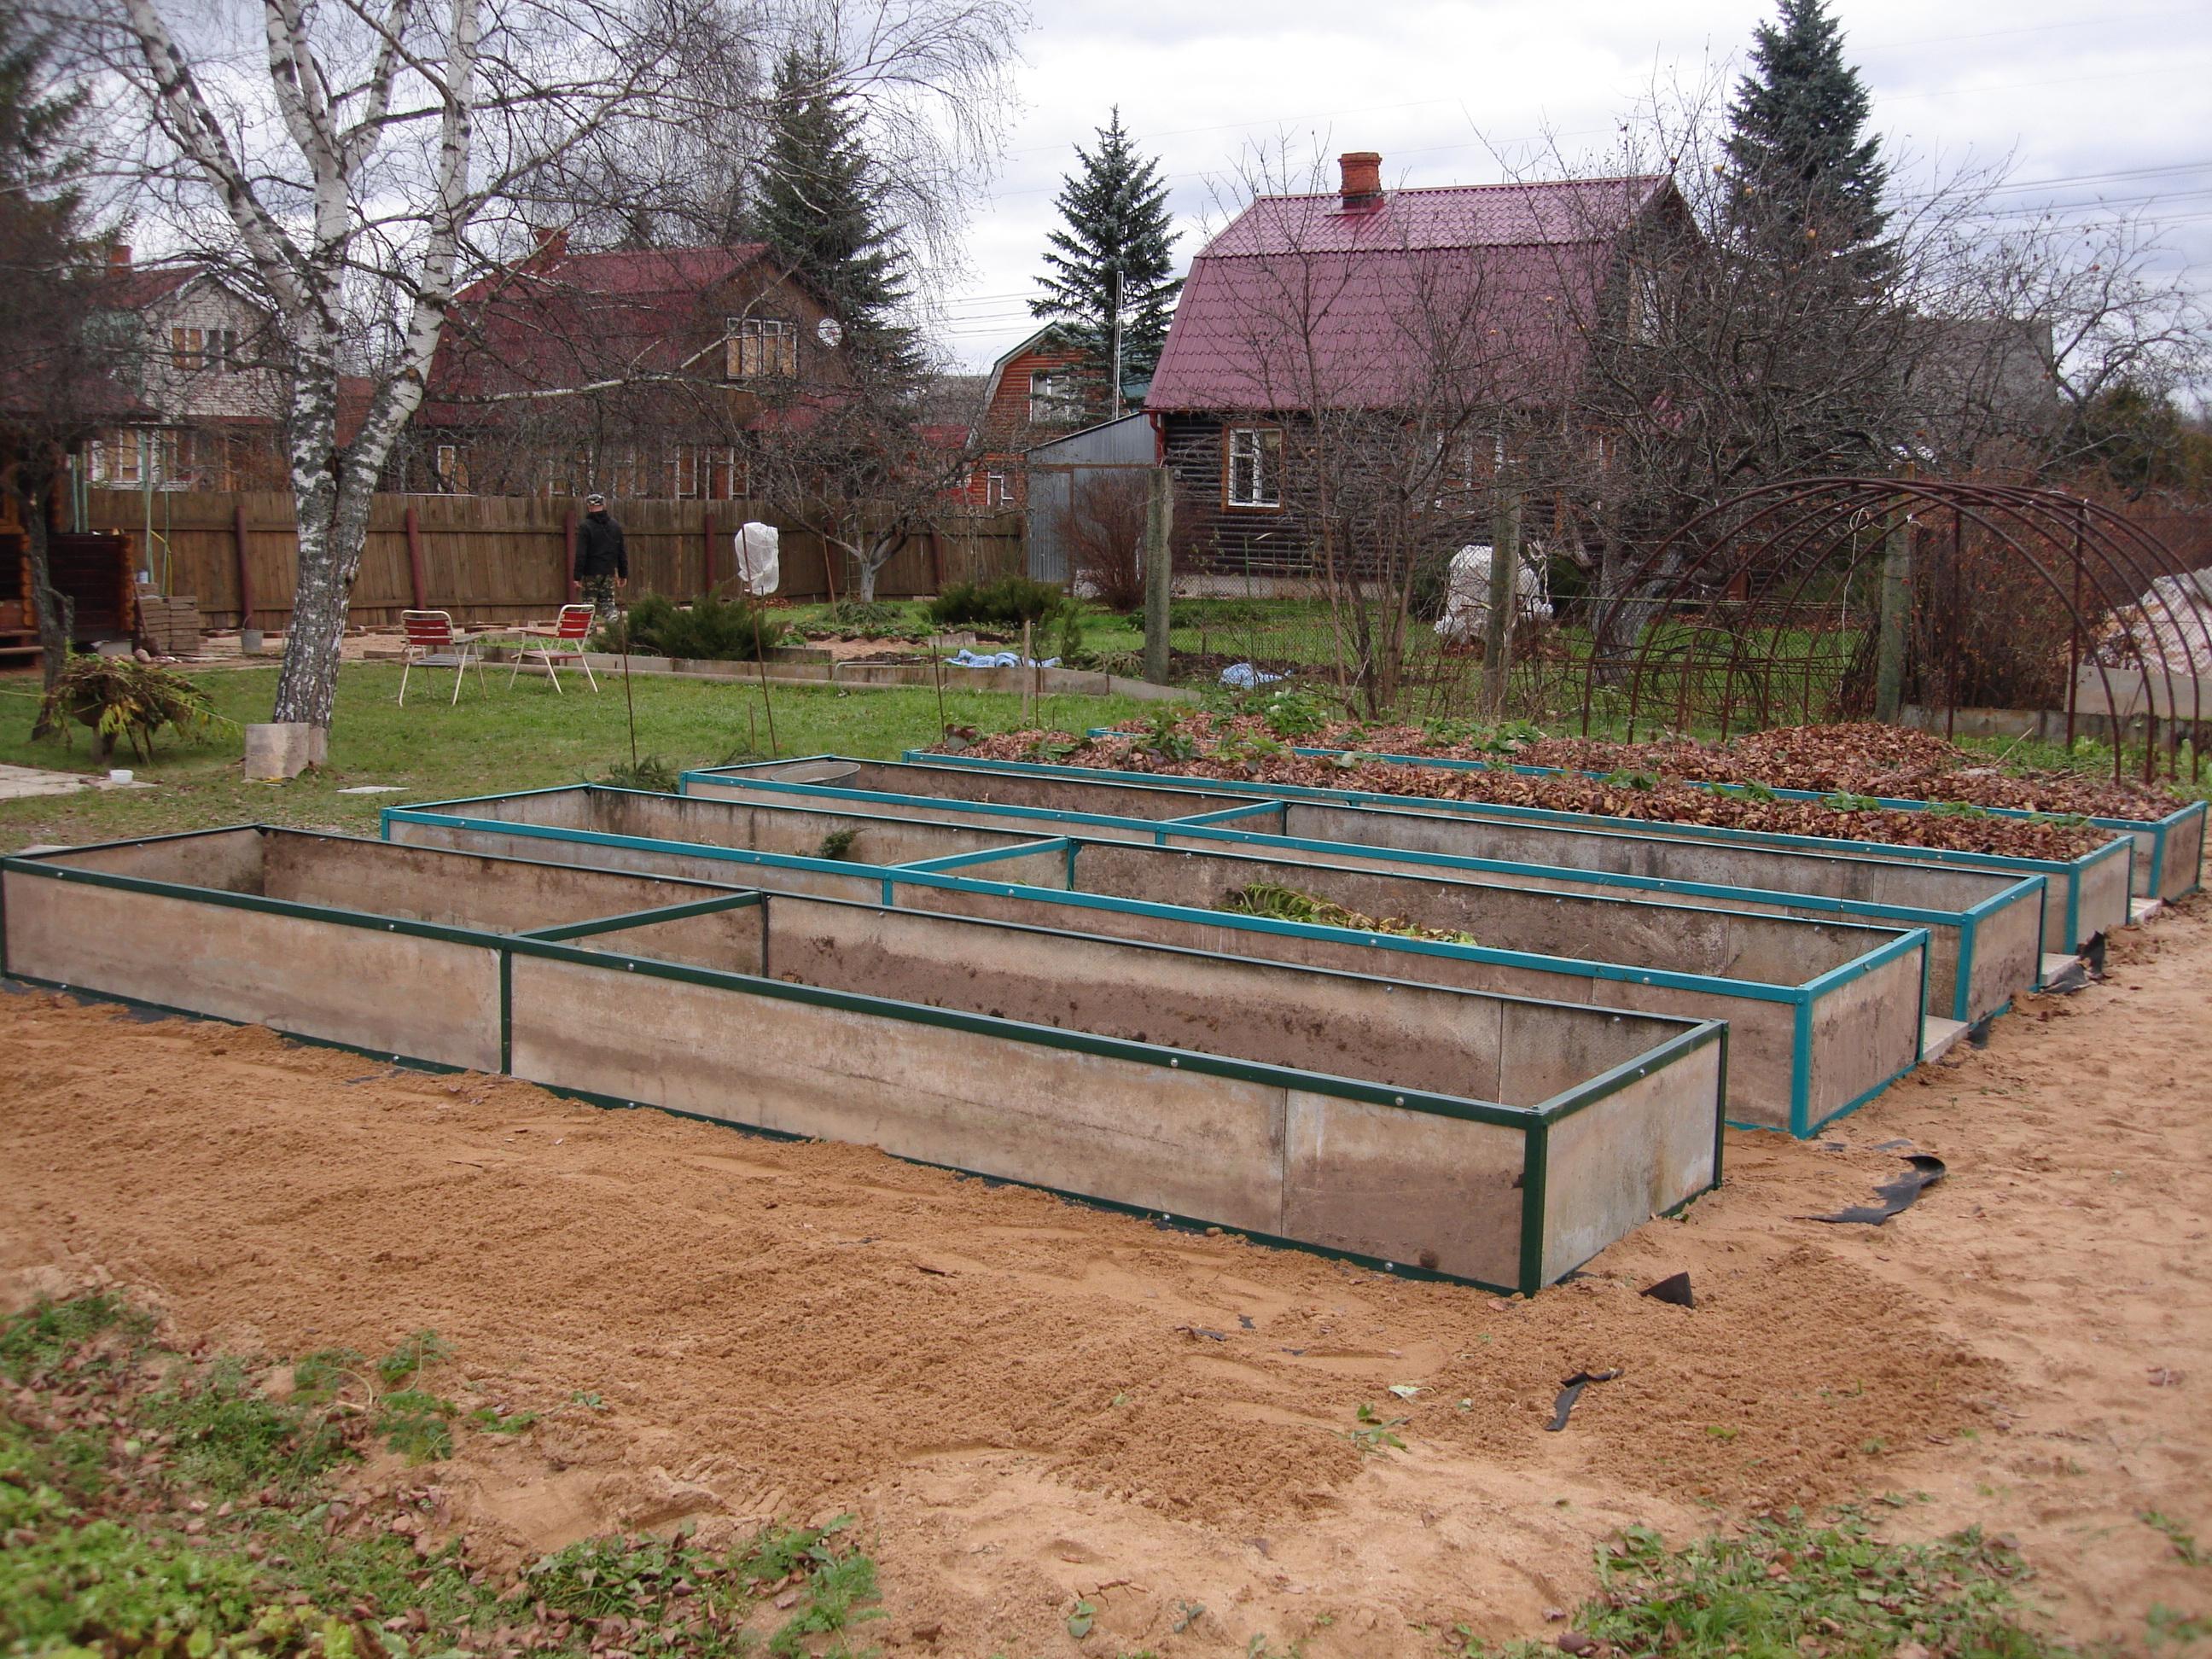 Организуйте 4 грядки для чередования овощных культур, это обеспечит севооборот.